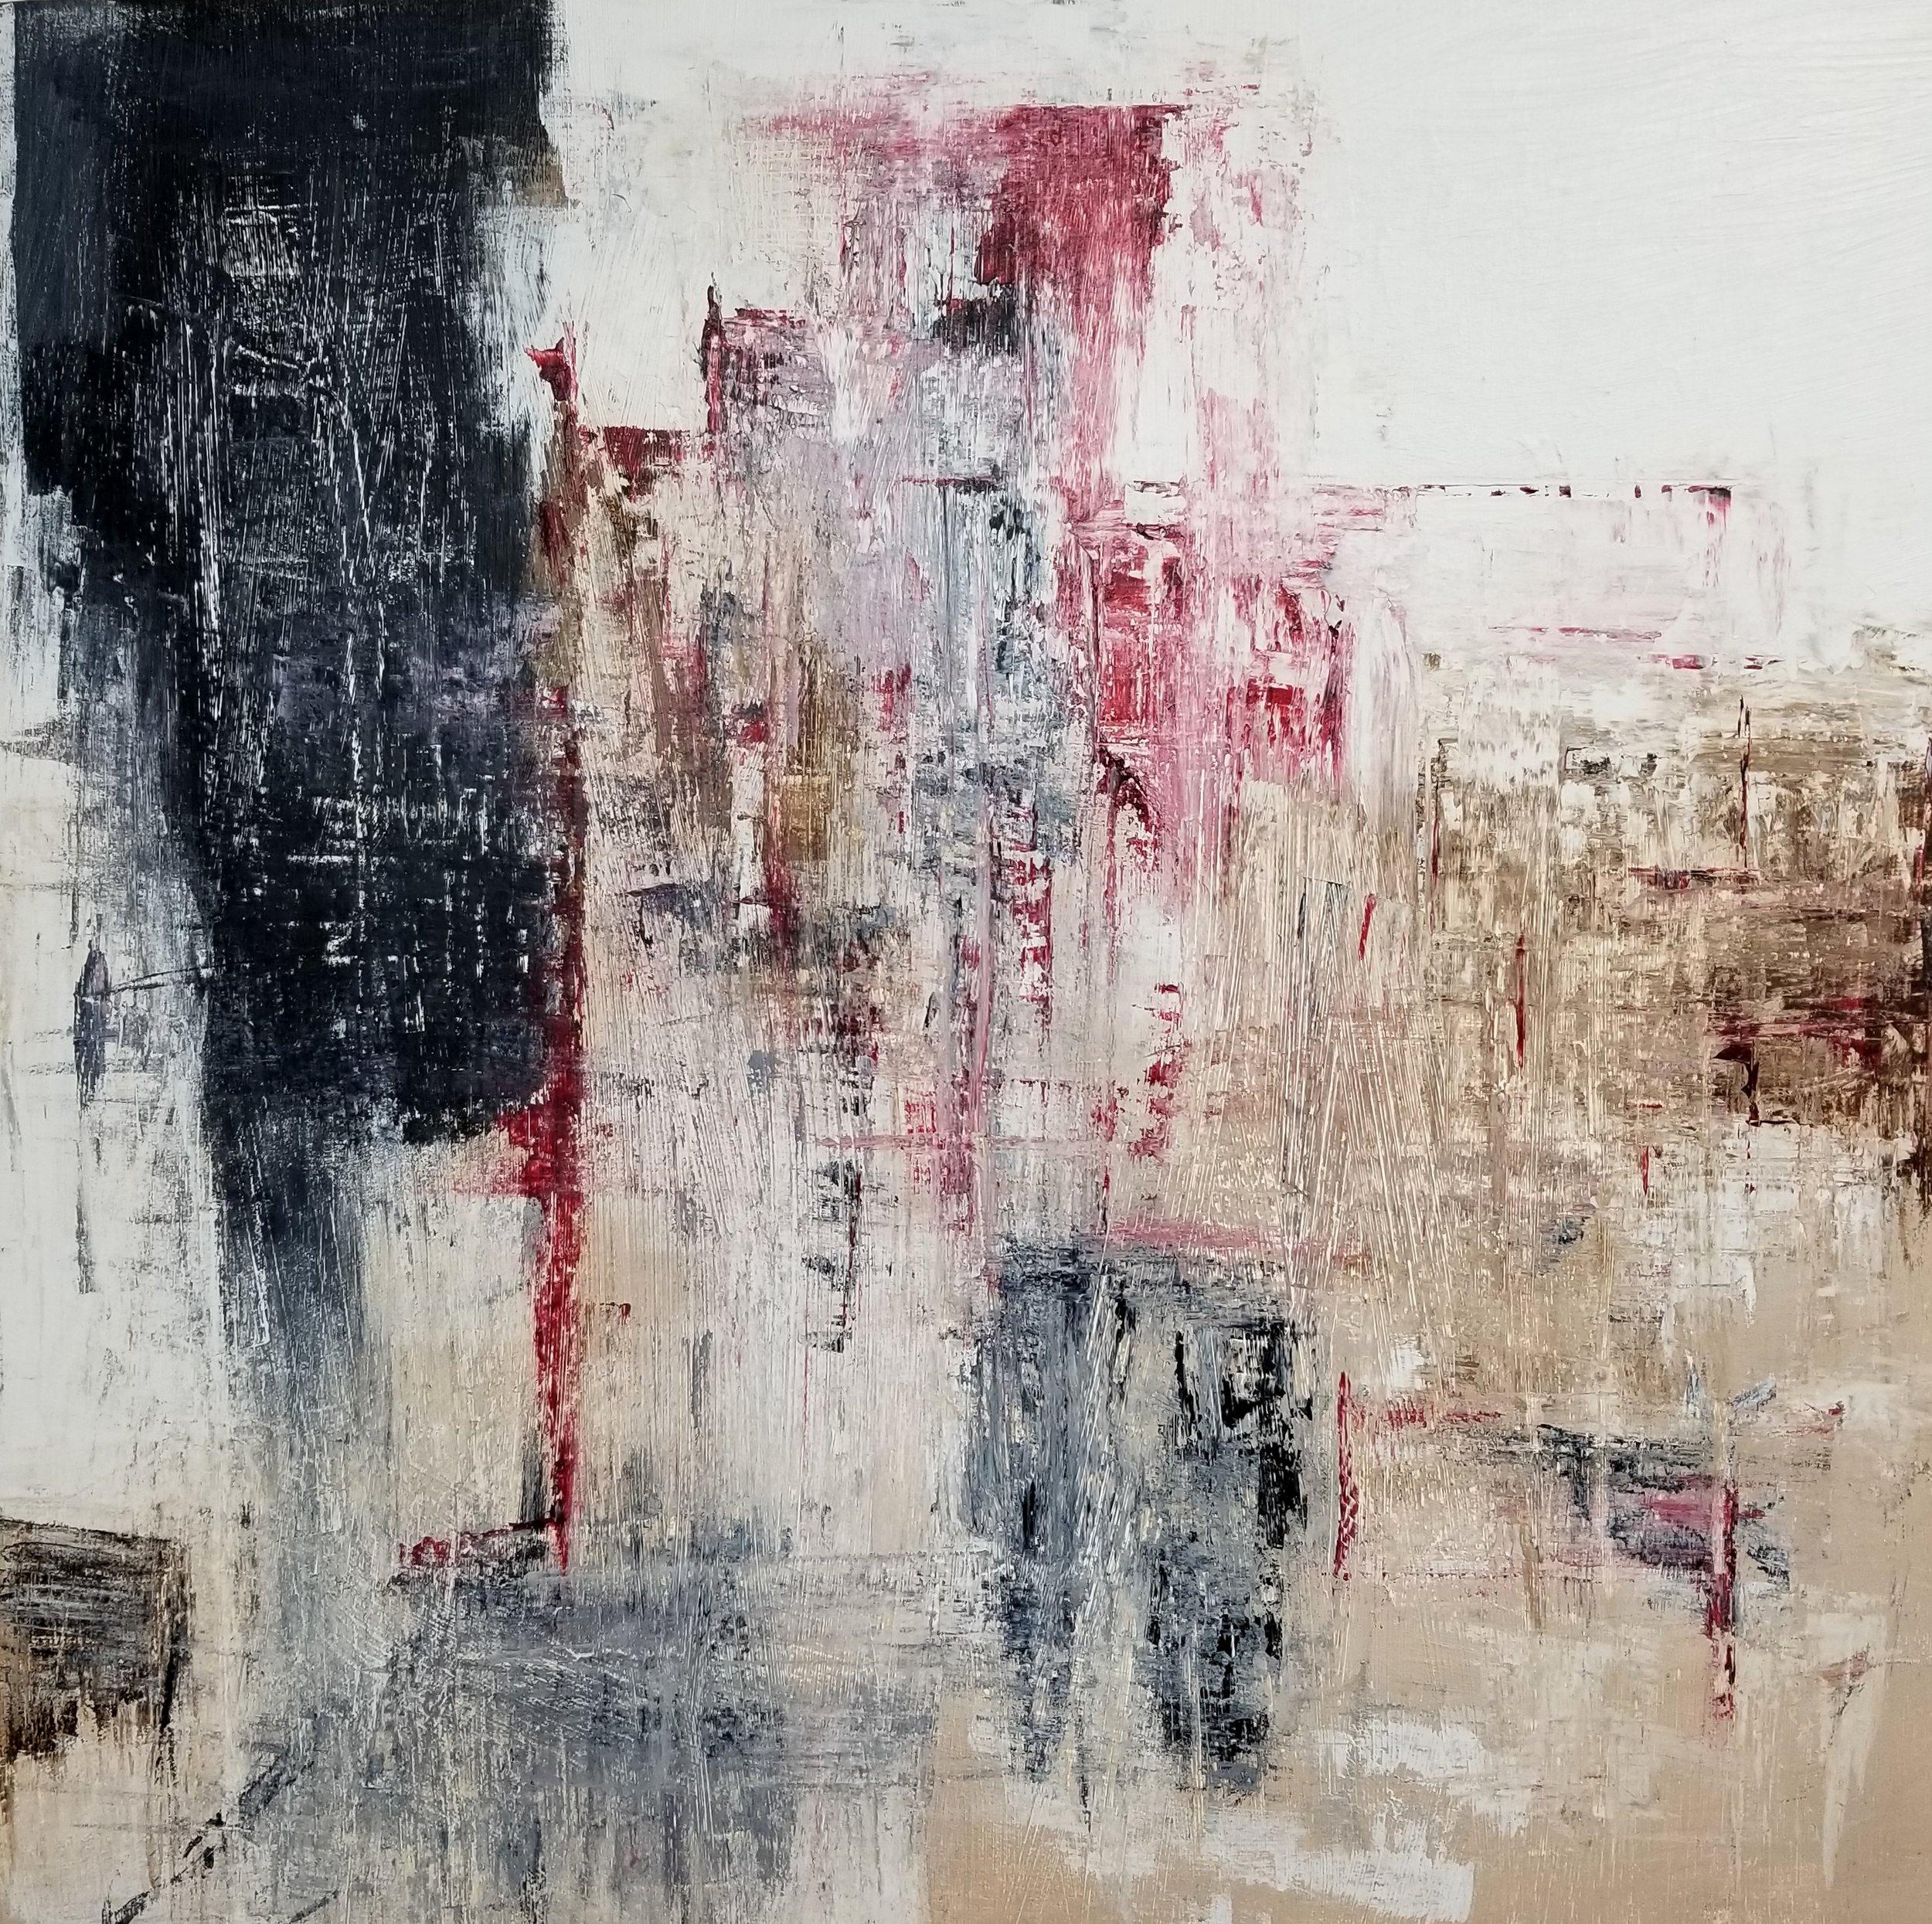 Dystopia - 20 x 20 x 1.5, acrylic, 2018  (c) Linda Wimberly